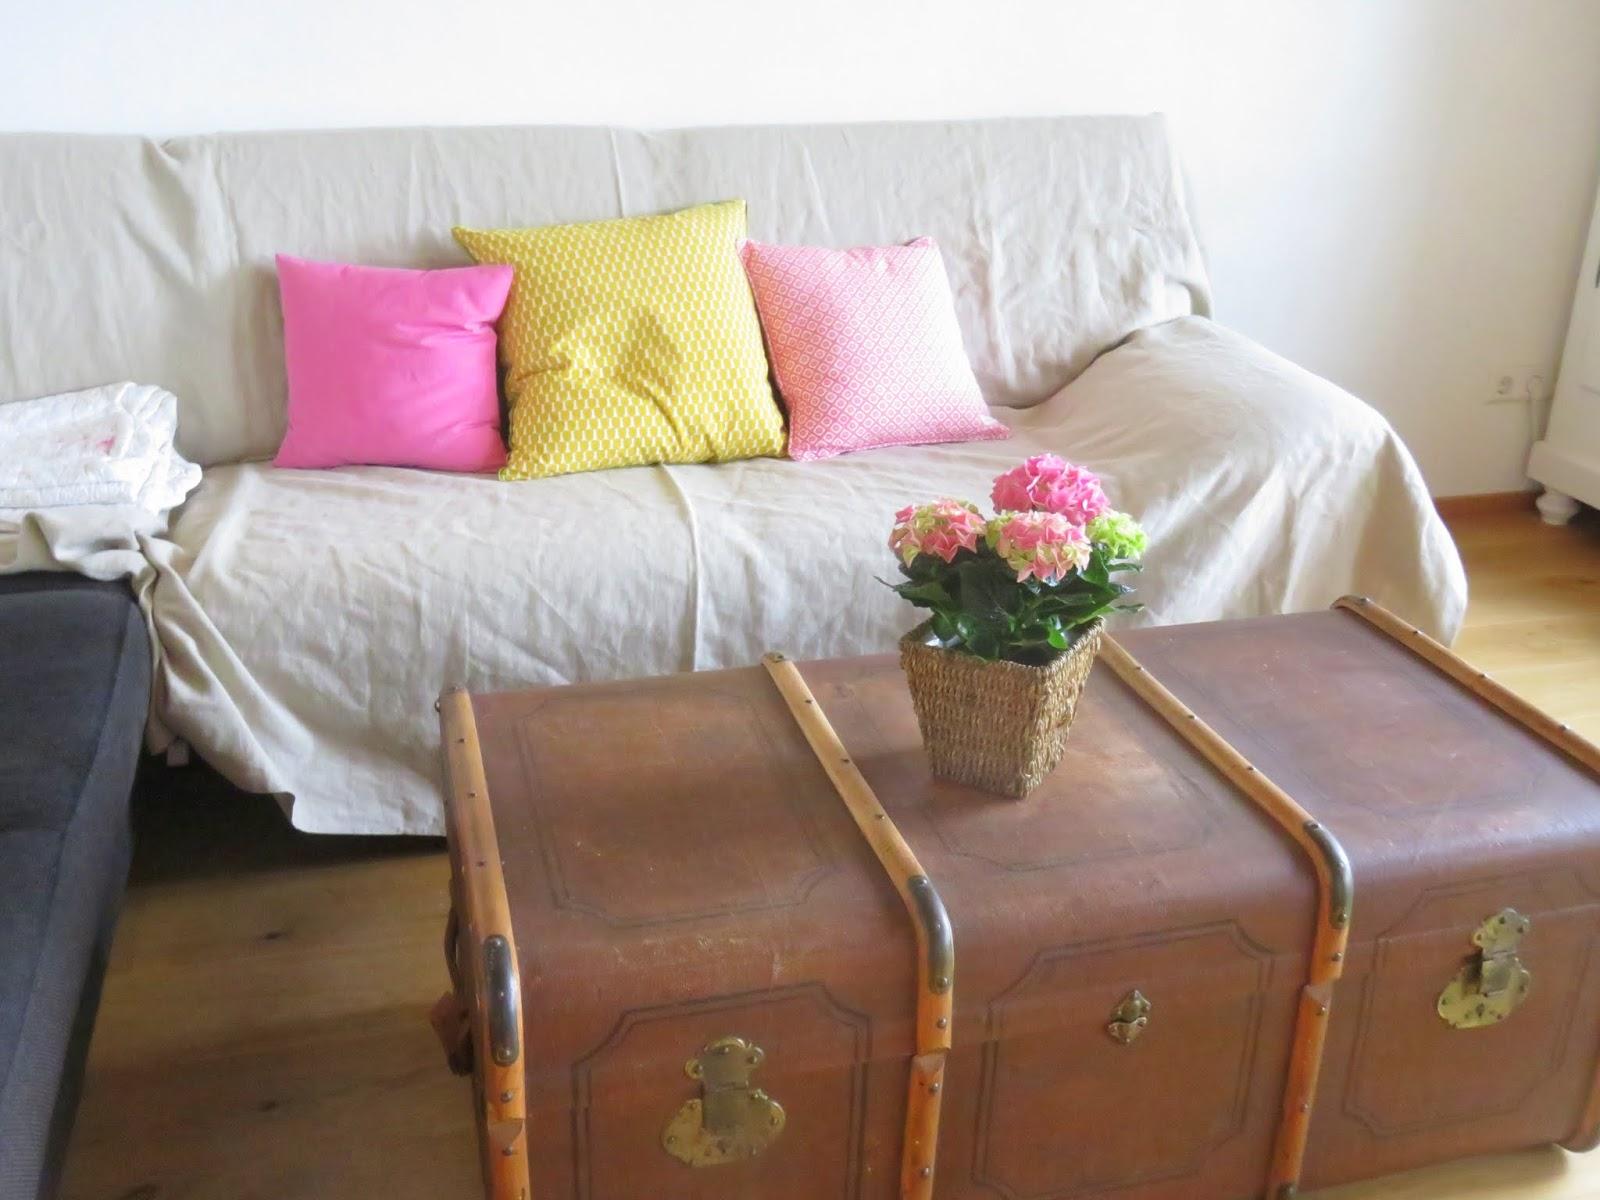 bodenseewellen 12 von 12 im mai 17. Black Bedroom Furniture Sets. Home Design Ideas